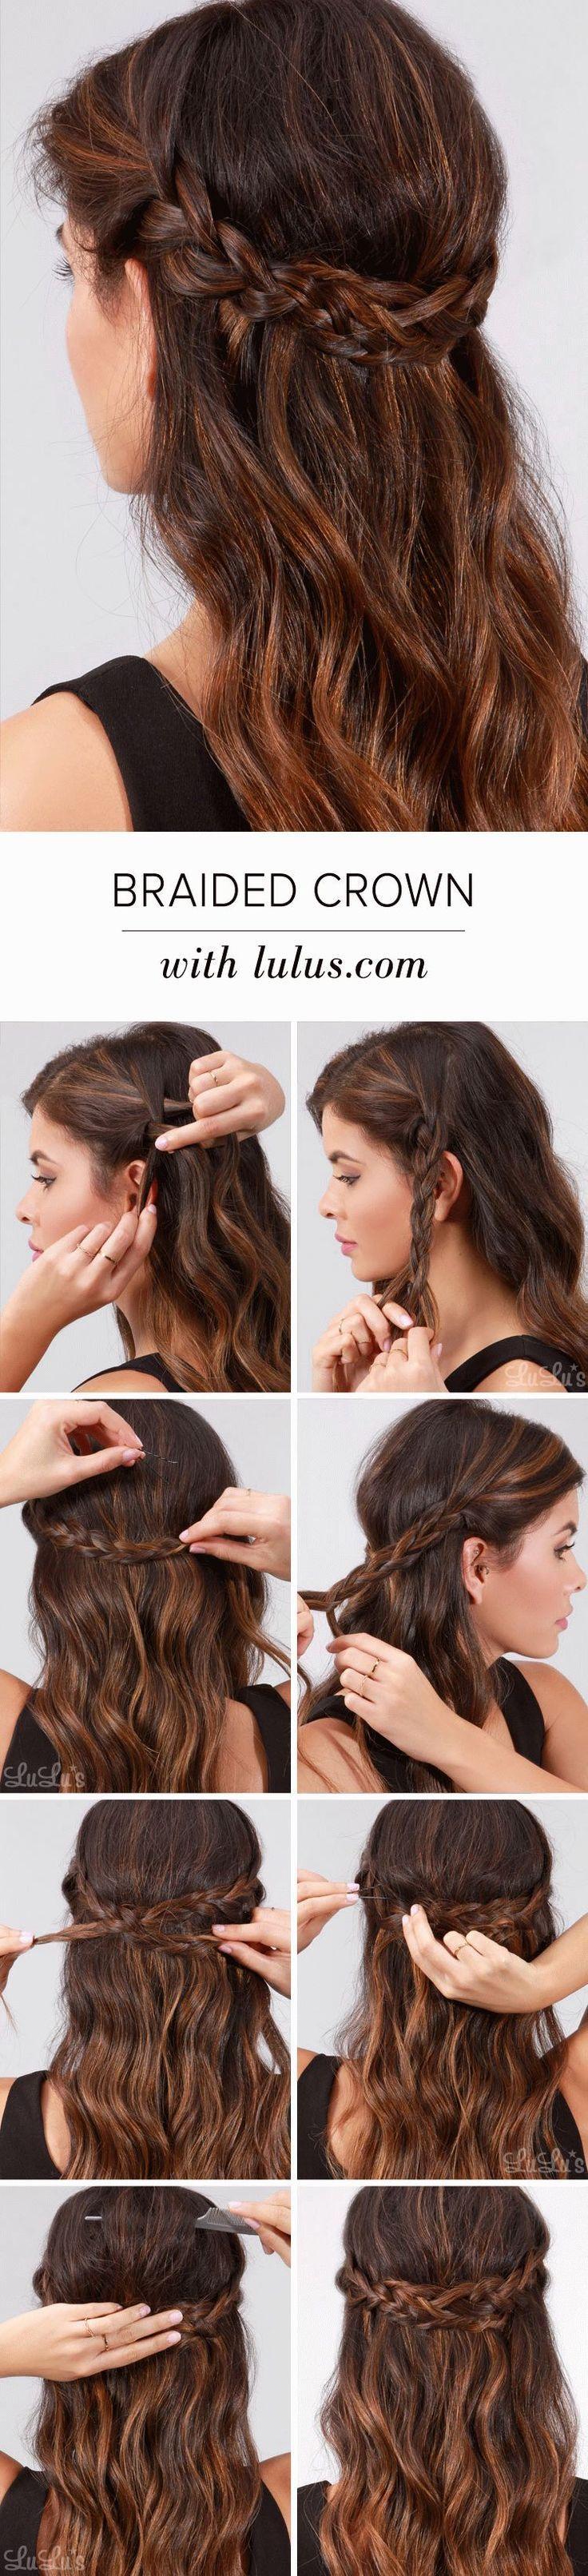 Braided Crown Hair Tutorial